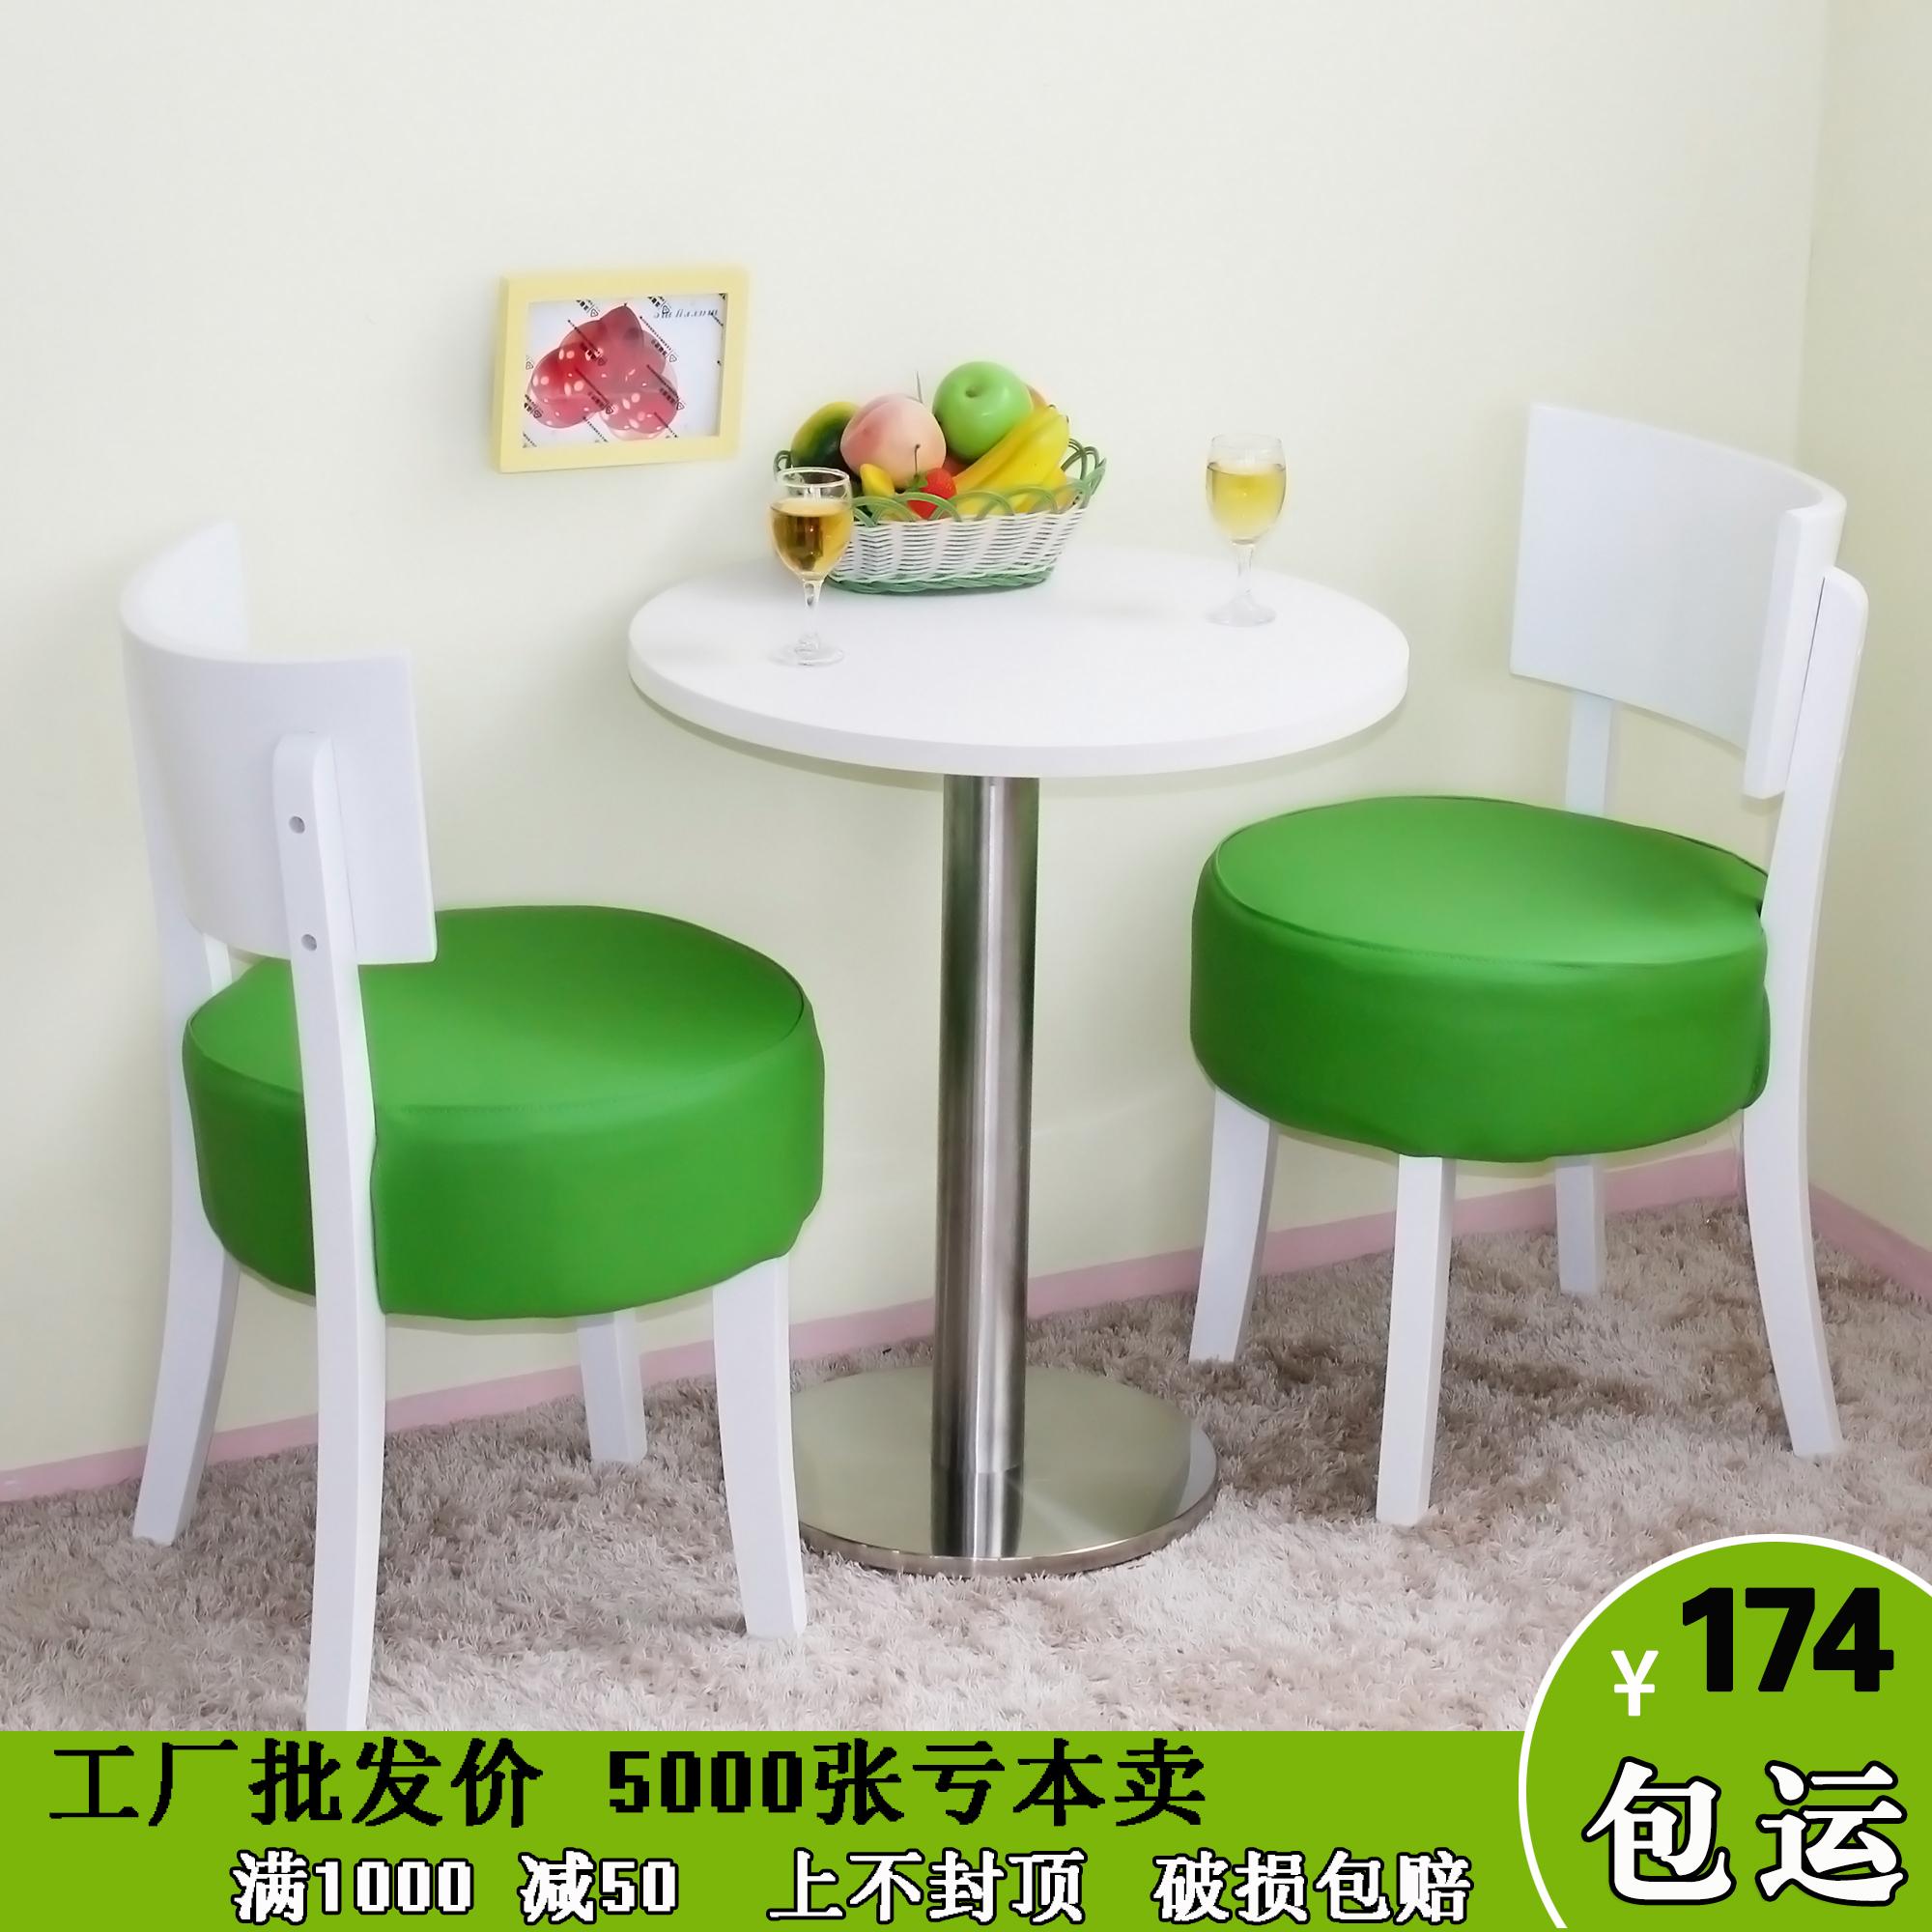 简约现代奶茶甜品店桌椅组合 西餐咖啡厅小吃店白色4人长方快餐桌